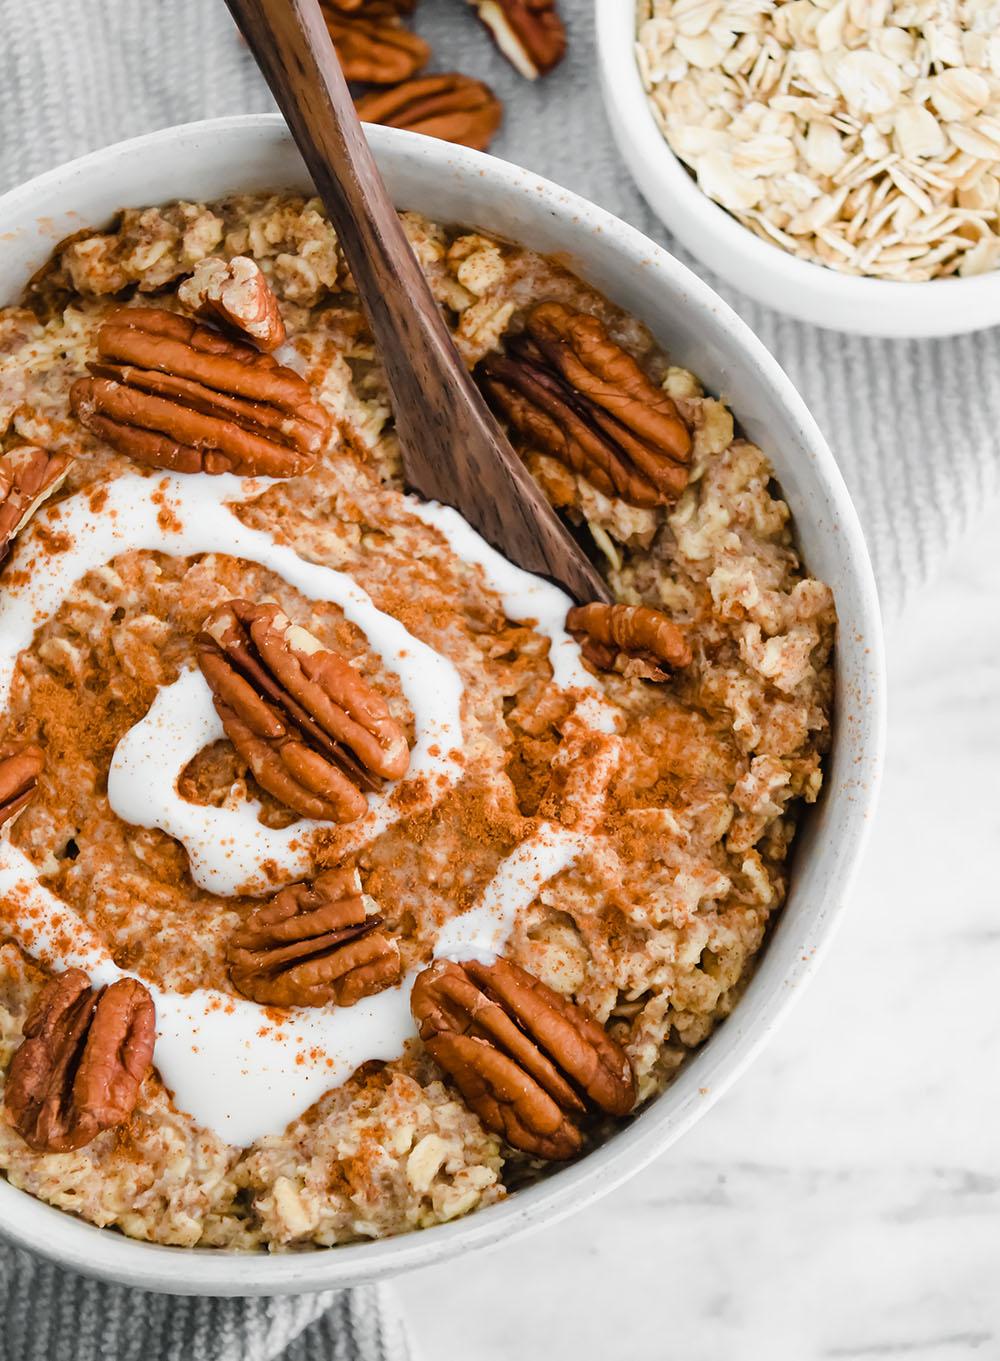 Vegan-Cinnamon-Bun-Protein-Overnight-Oats-3-3